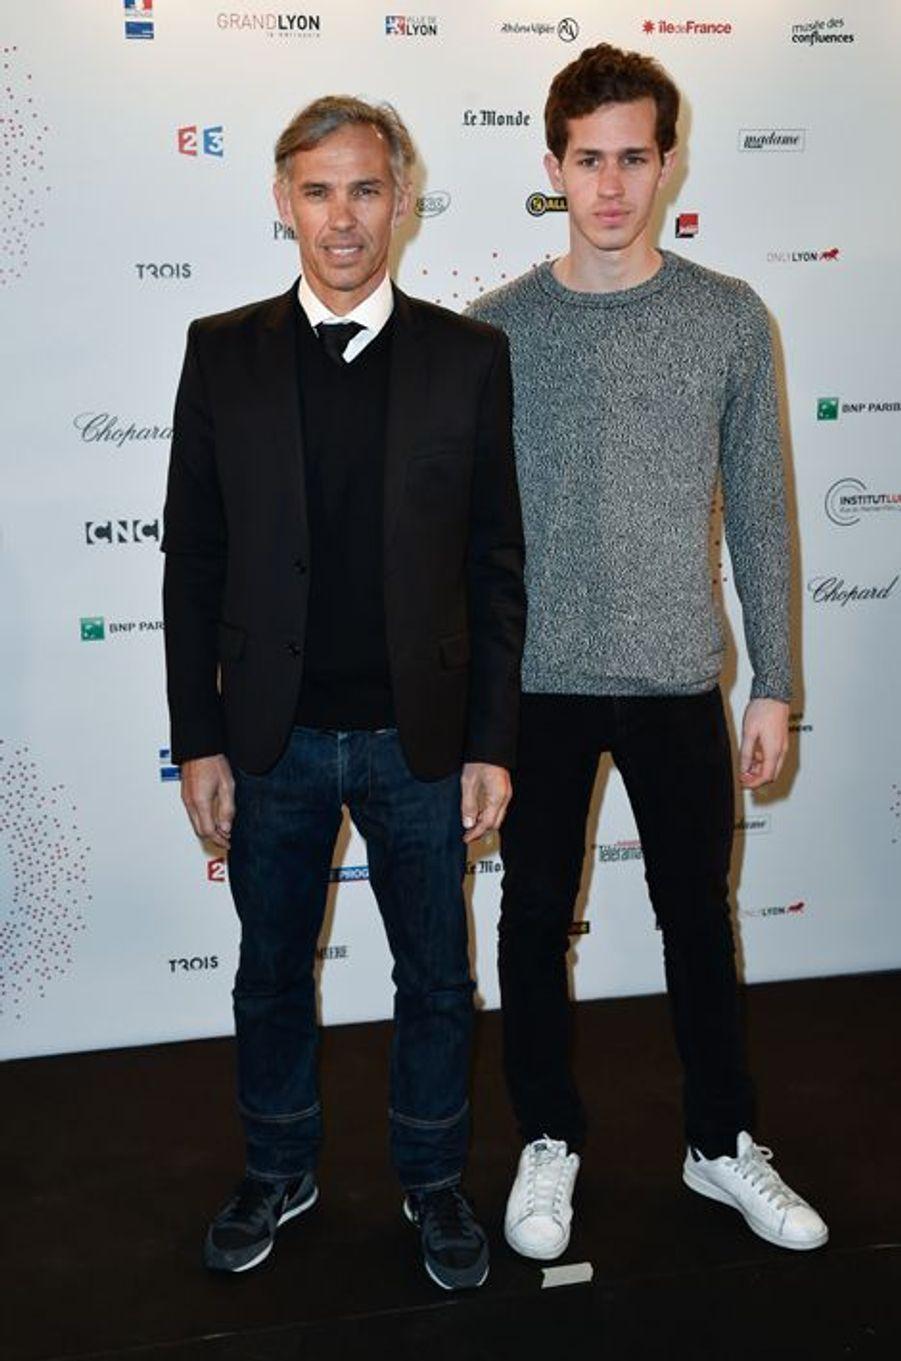 Paul Belmondo et son fils, Alessandro, à Paris le 26 mars 2015